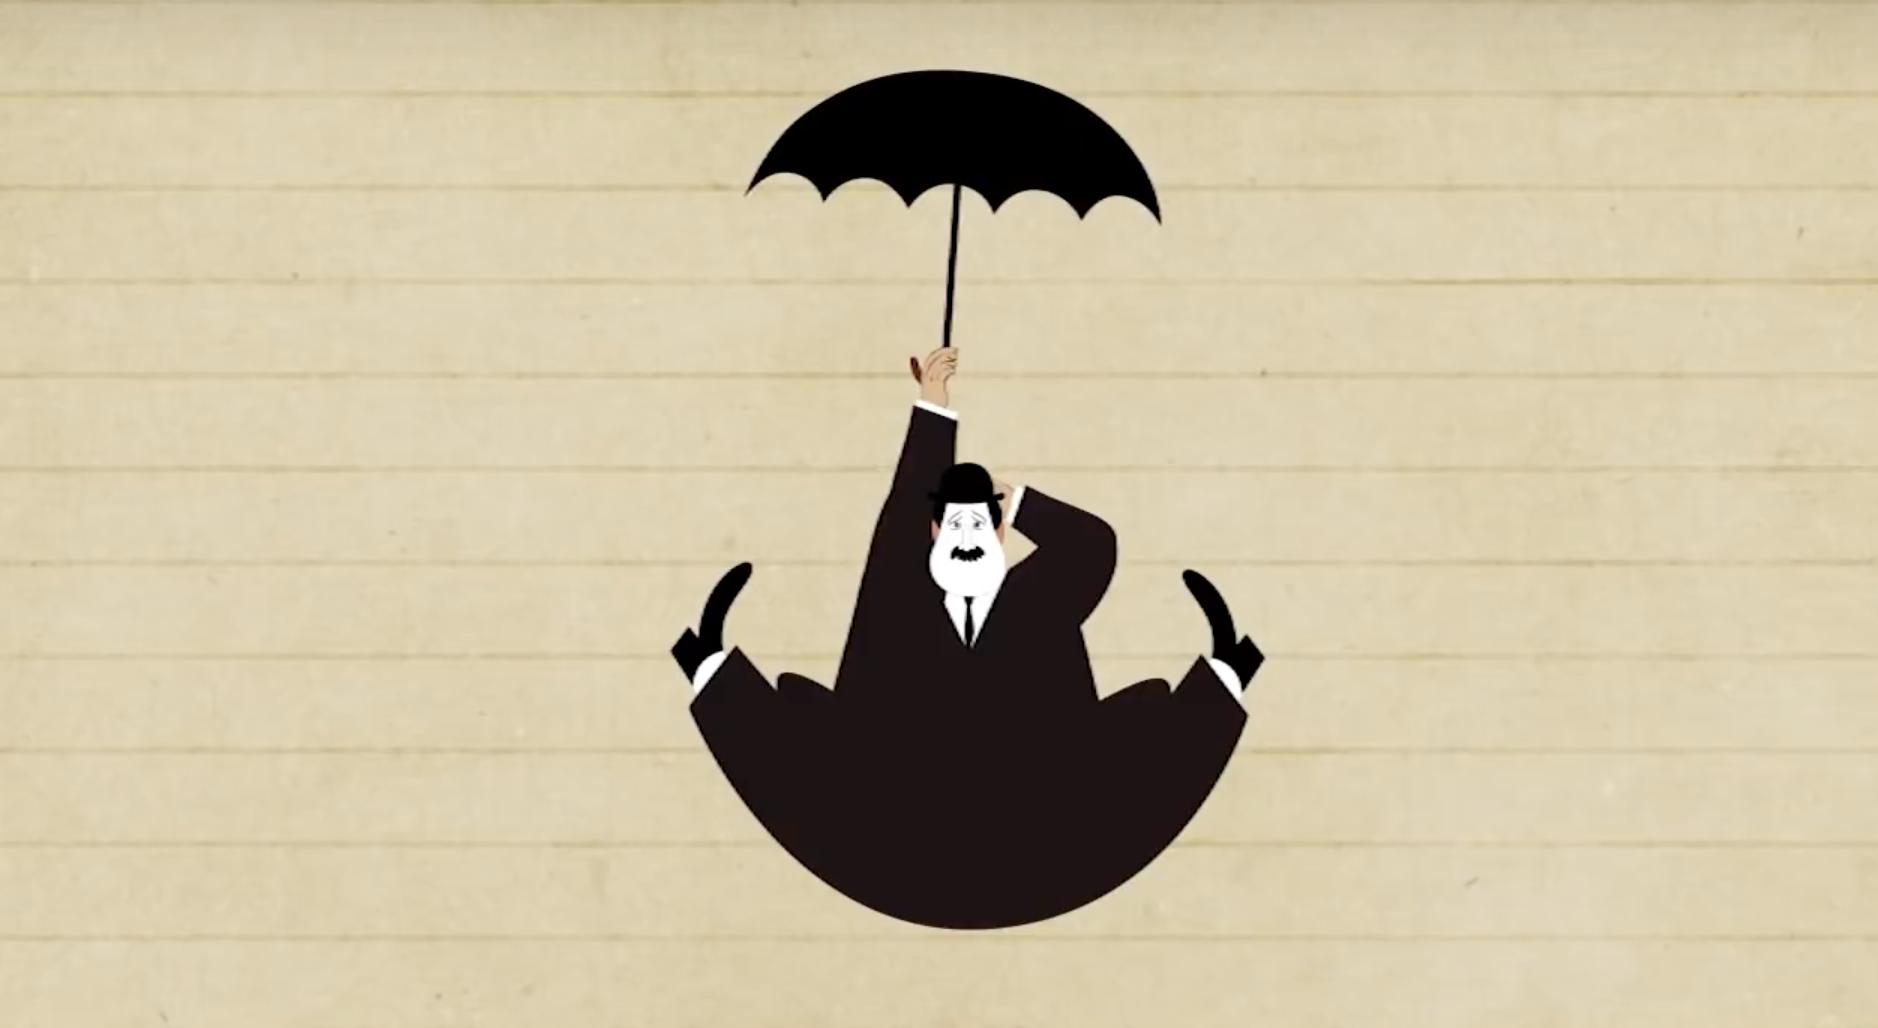 Dipingere con le parole. Un (bellissimo) video animato racconta la storia di Guillaume Apollinaire